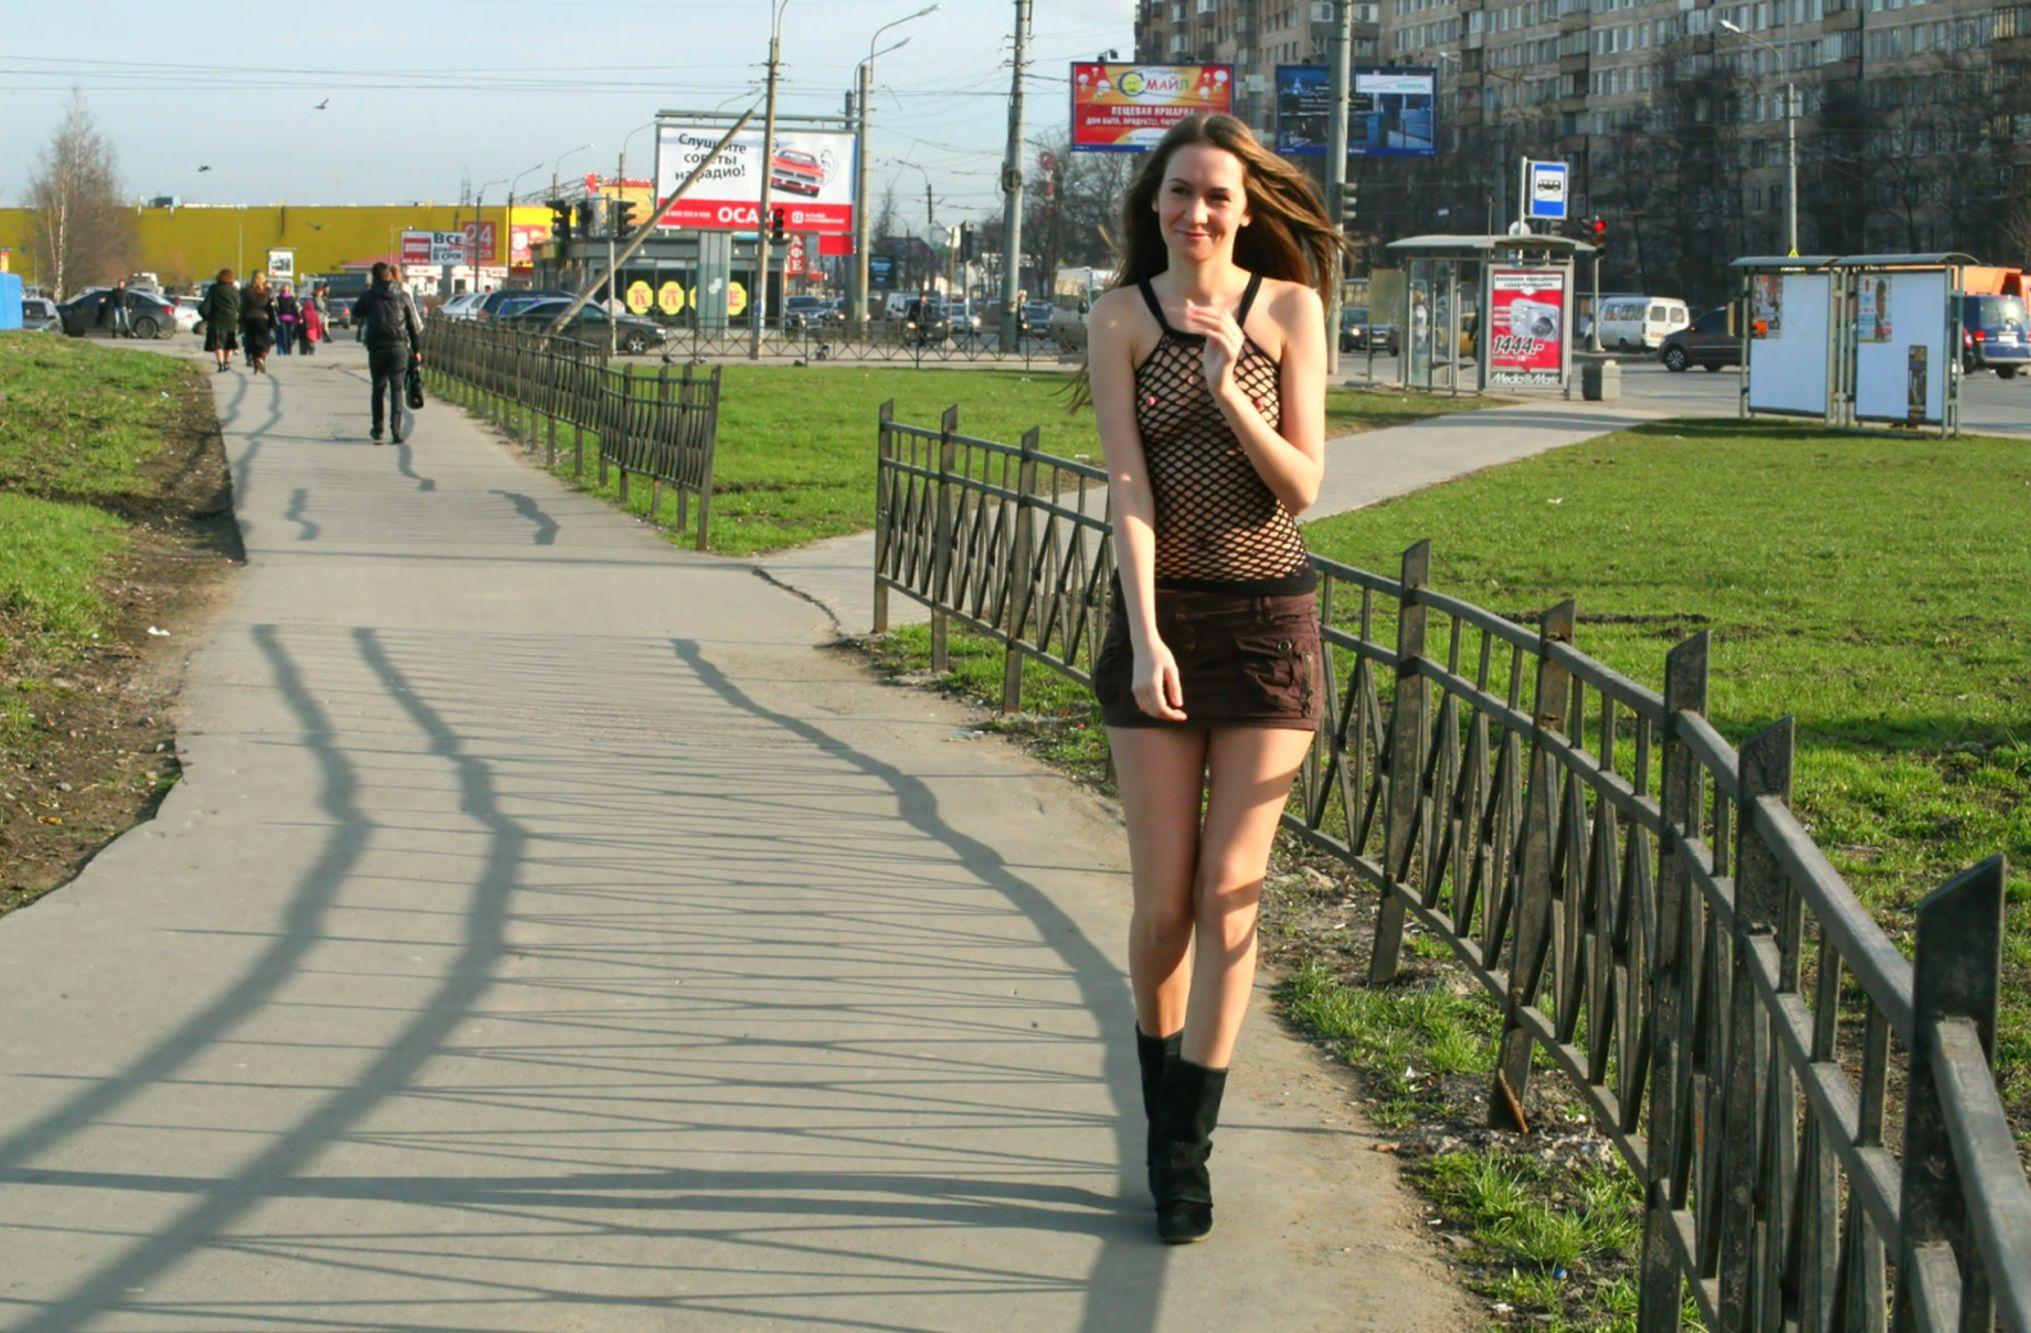 Девушка в прозрачной юбке гуляет по городу, смотреть русский обмен парнями в сексе